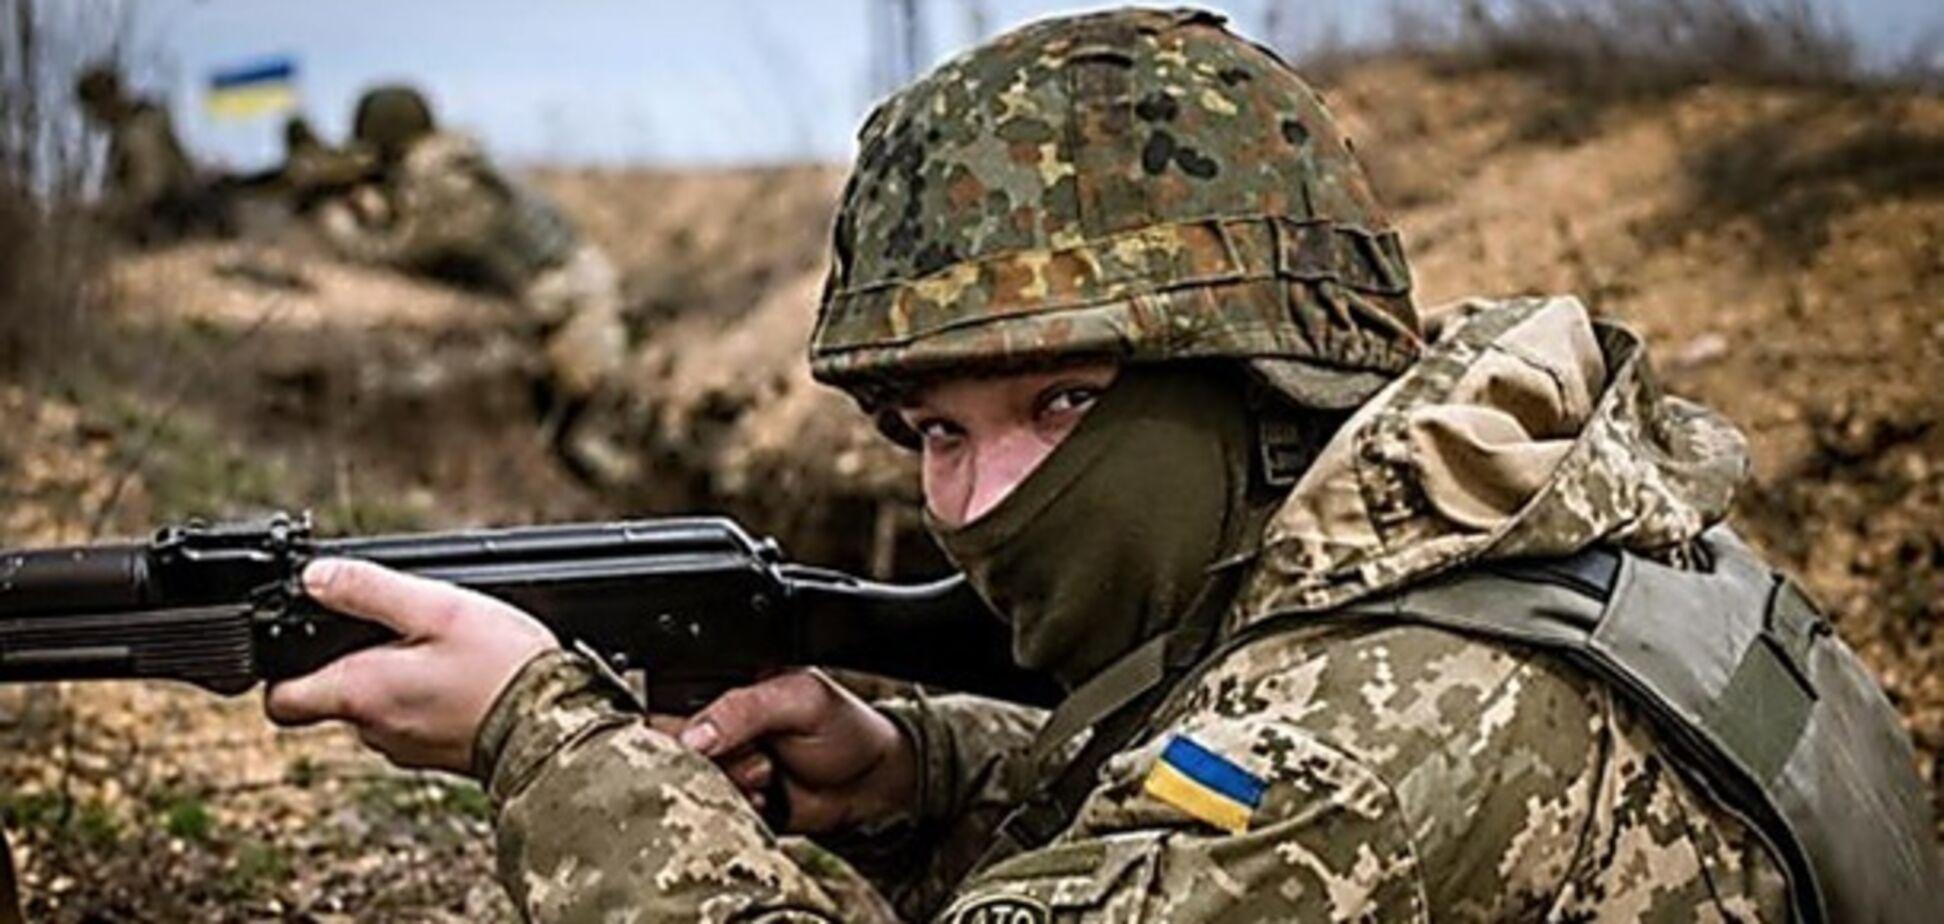 Стало відомо про нову криваву сутичку з 'Л/ДНР' на Донбасі